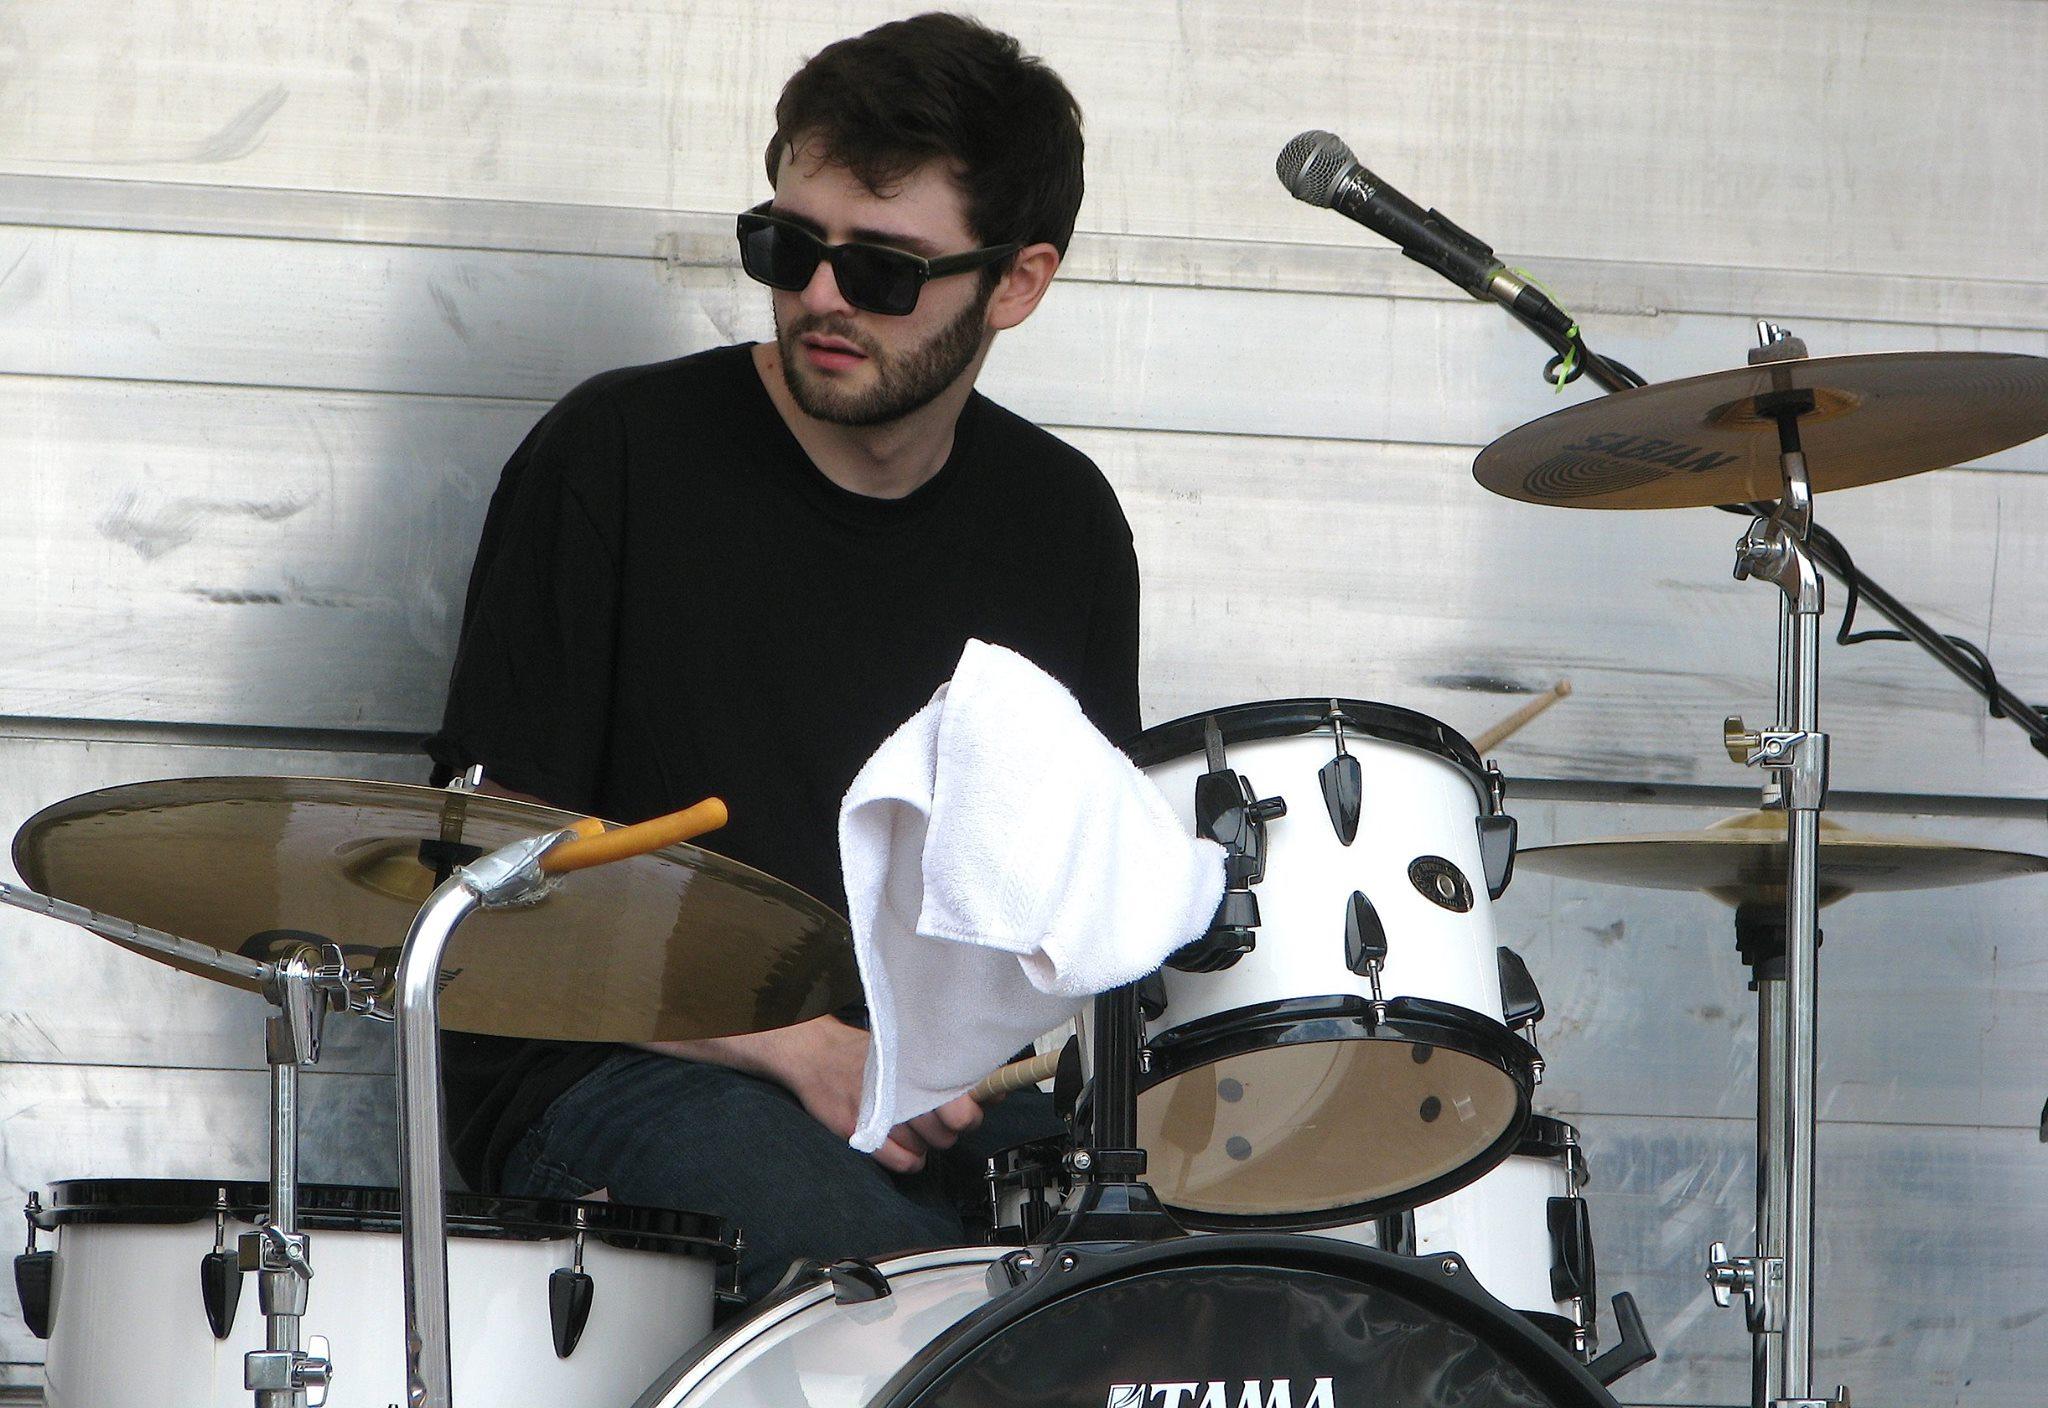 Braedon playing drums